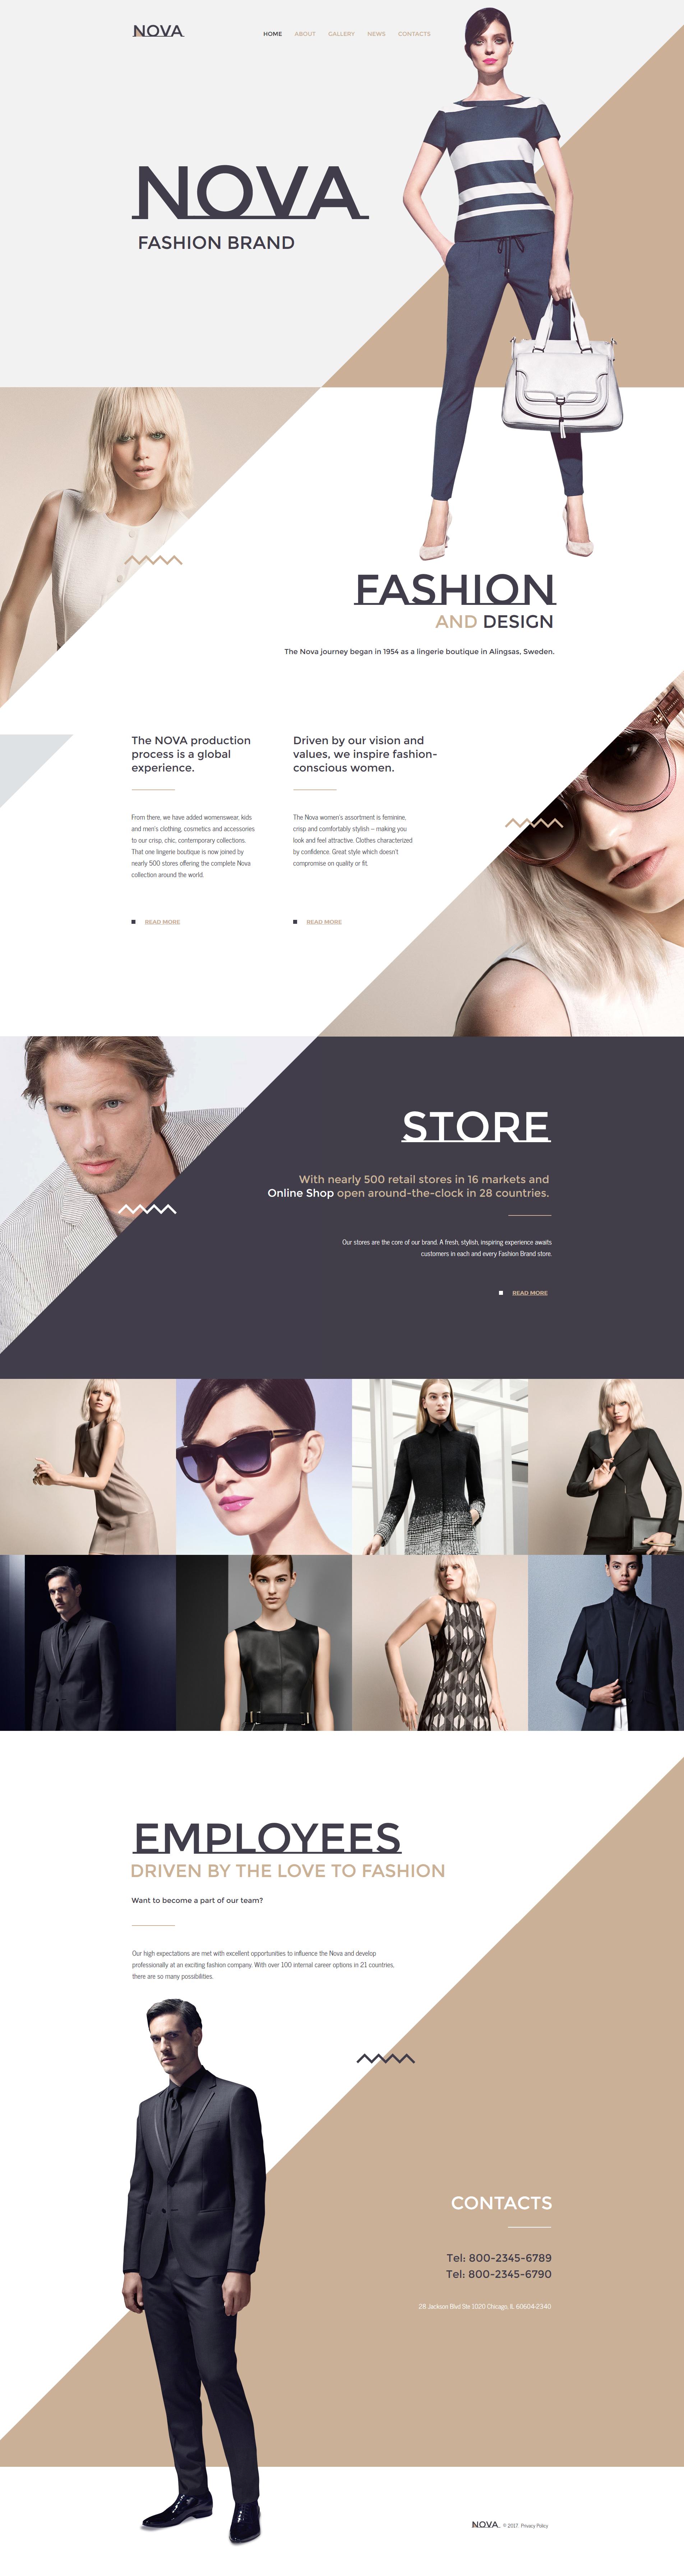 Szablon Moto CMS HTML Nova - Fashion #59307